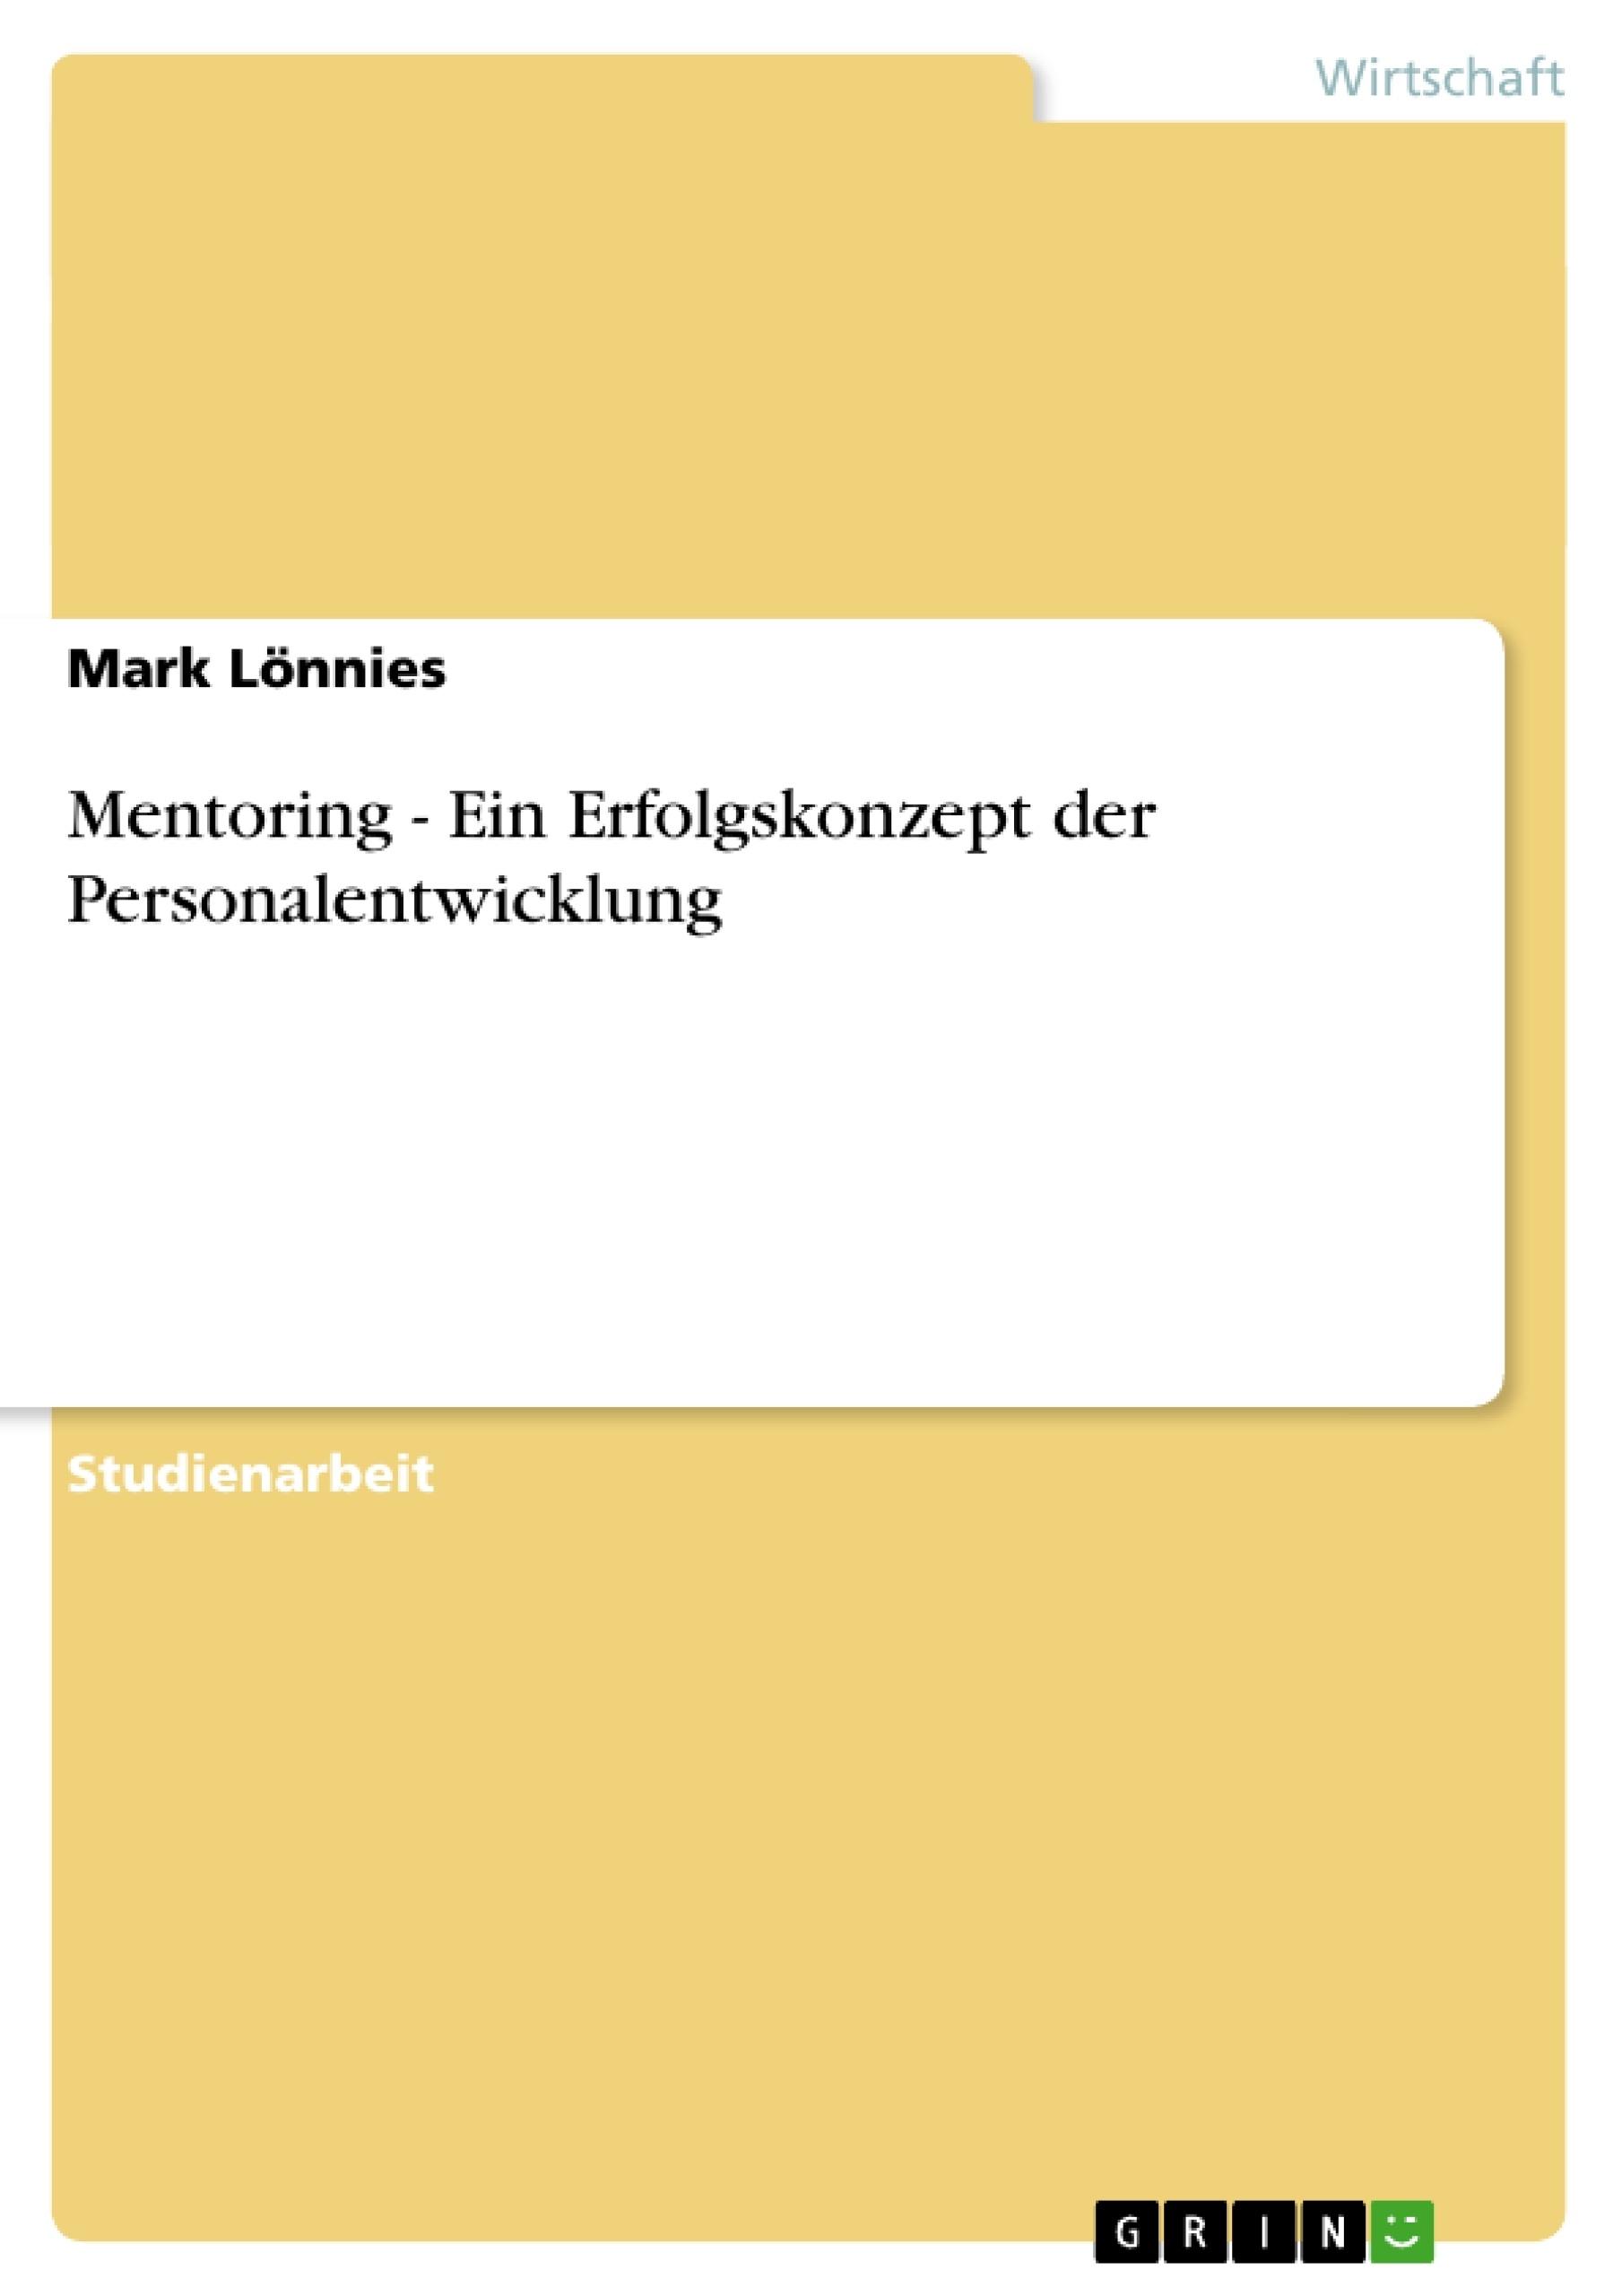 Titel: Mentoring - Ein Erfolgskonzept der Personalentwicklung